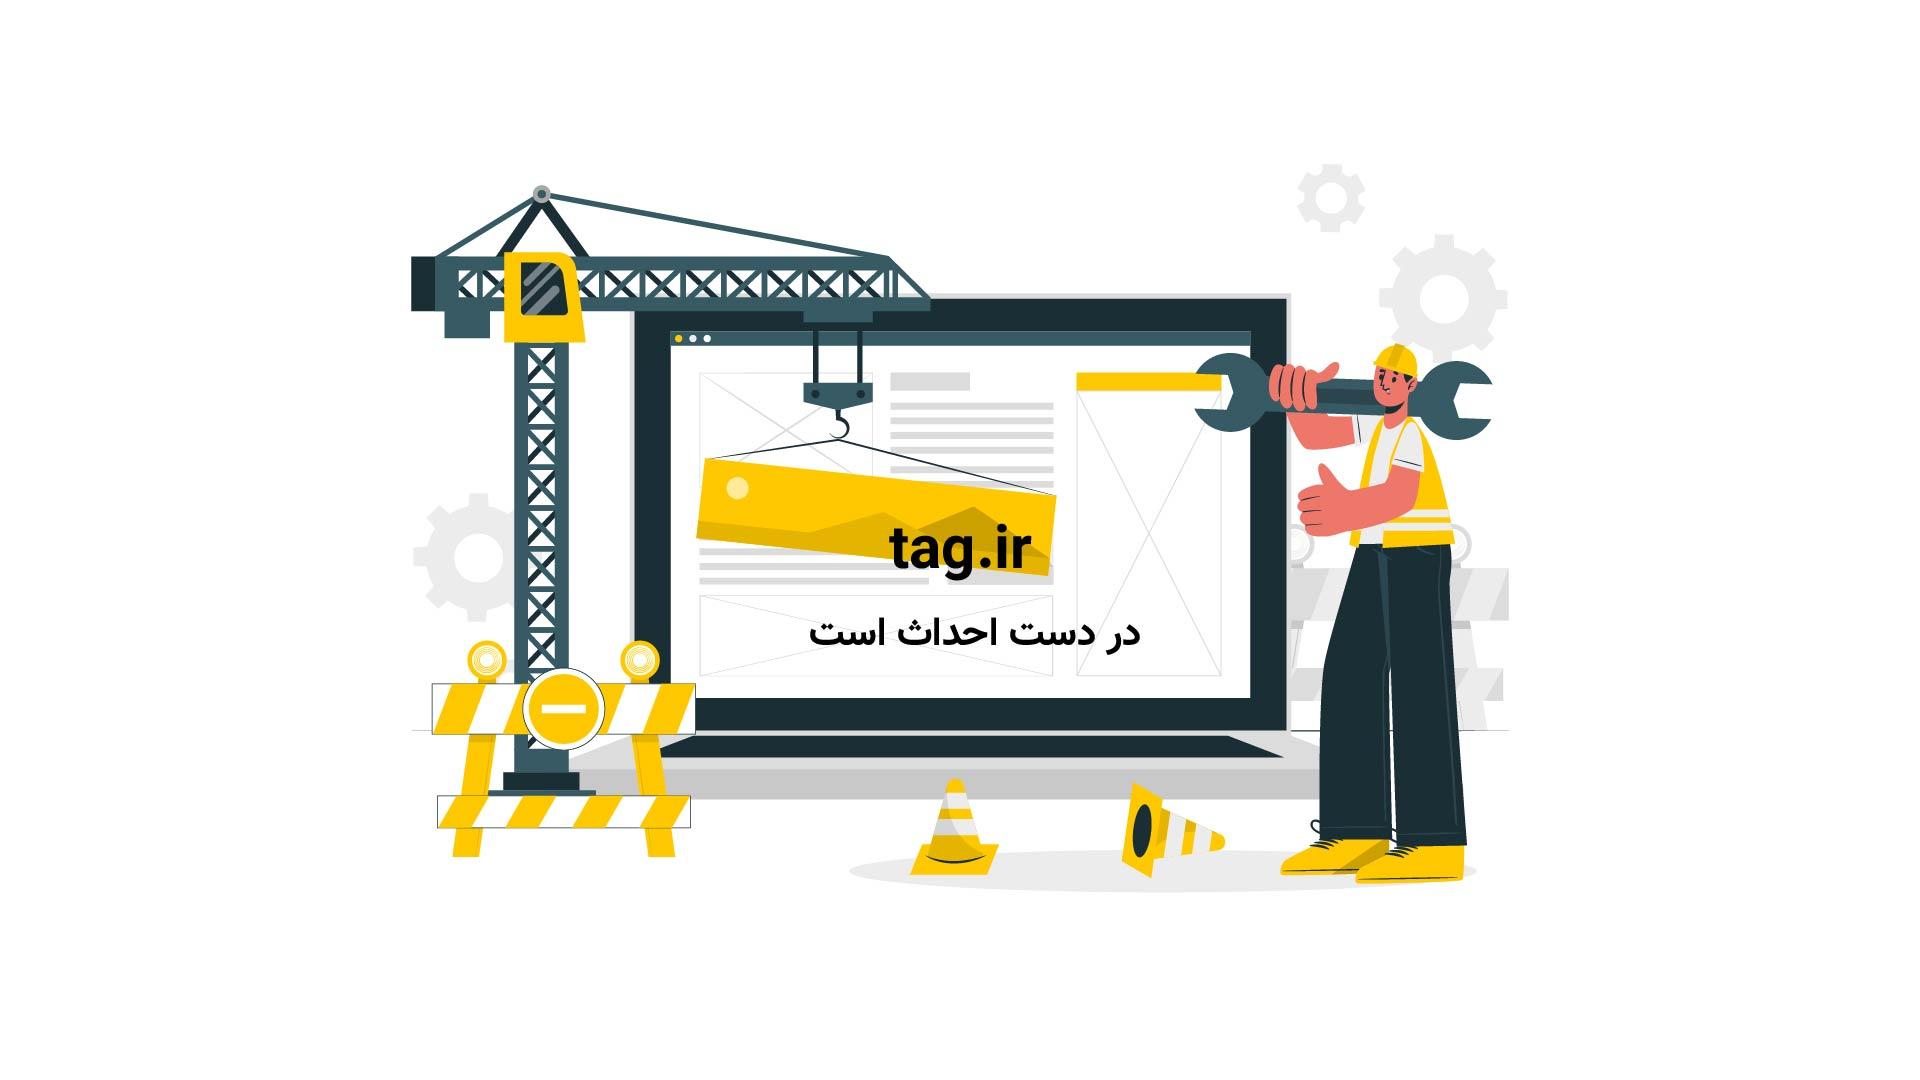 تکنیک نقاشی اکریلیک؛ آموزش کشیدن آسمان پر ستاره شب | فیلم